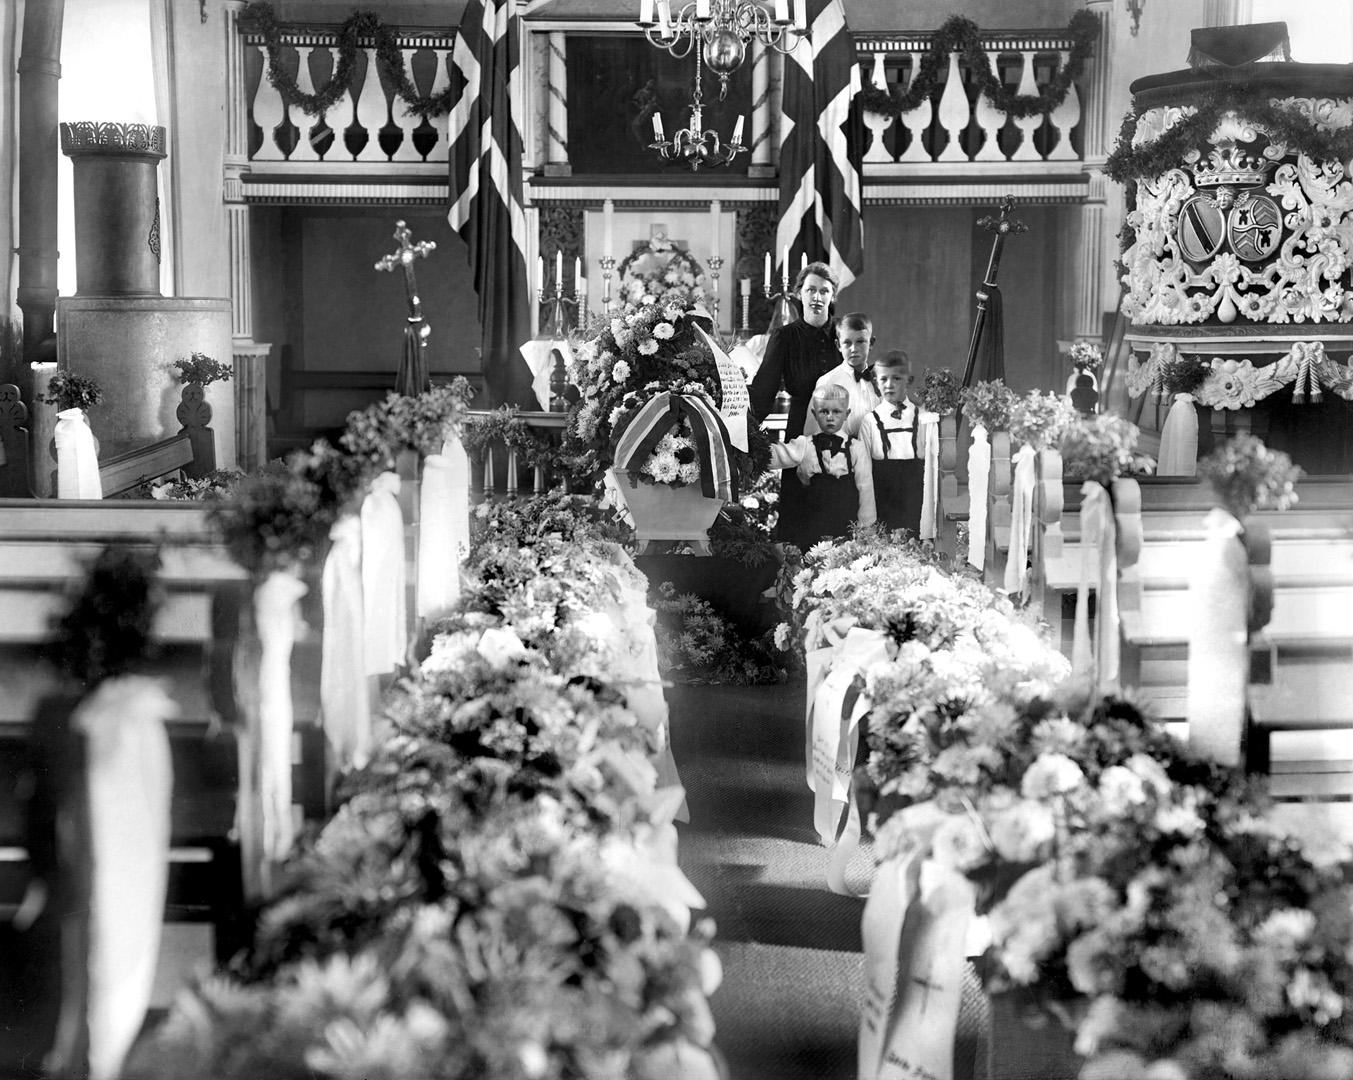 ØFB.CLA.UNR.00089 Fra begravelsen til gårdbruker Einar Molteberg, Ingedal kirke, Skjeberg i 1944. Ved kista står kona Augusta og deres tre sønner, Jens f. 1934 og Egil f.1937 og Ivar f. 1939. De bodde på gården Øiestad søndre i Skjeberg. Einar var en av femti norske politiske fanger som ble sendt fra Norge til konsentrasjonsleir i Tyskland med det tyske troppe- og fangetransport-skipet D/S Westphalen. Skipet forliste 8.9. 1944 utenfor Marstrand i Sverige (torpedering eller mine), og bare fem av de norske fangene overlevde. Foto: Christian E. Larsen / Østfold fylkes billedarkiv. Mannen Einar Ludvik Joachim Molteberg f. 1906, d. 1944, døde ved Westfalens forlis 8.september 1944. På gravstøtta: Død ved Westfalens forlis 8-9-1944 01 11 03 Alltid i kamp for Norges sak, selv bak gitter og lås du stred, inntil det redselens brak, trakk deg i bølgene ned